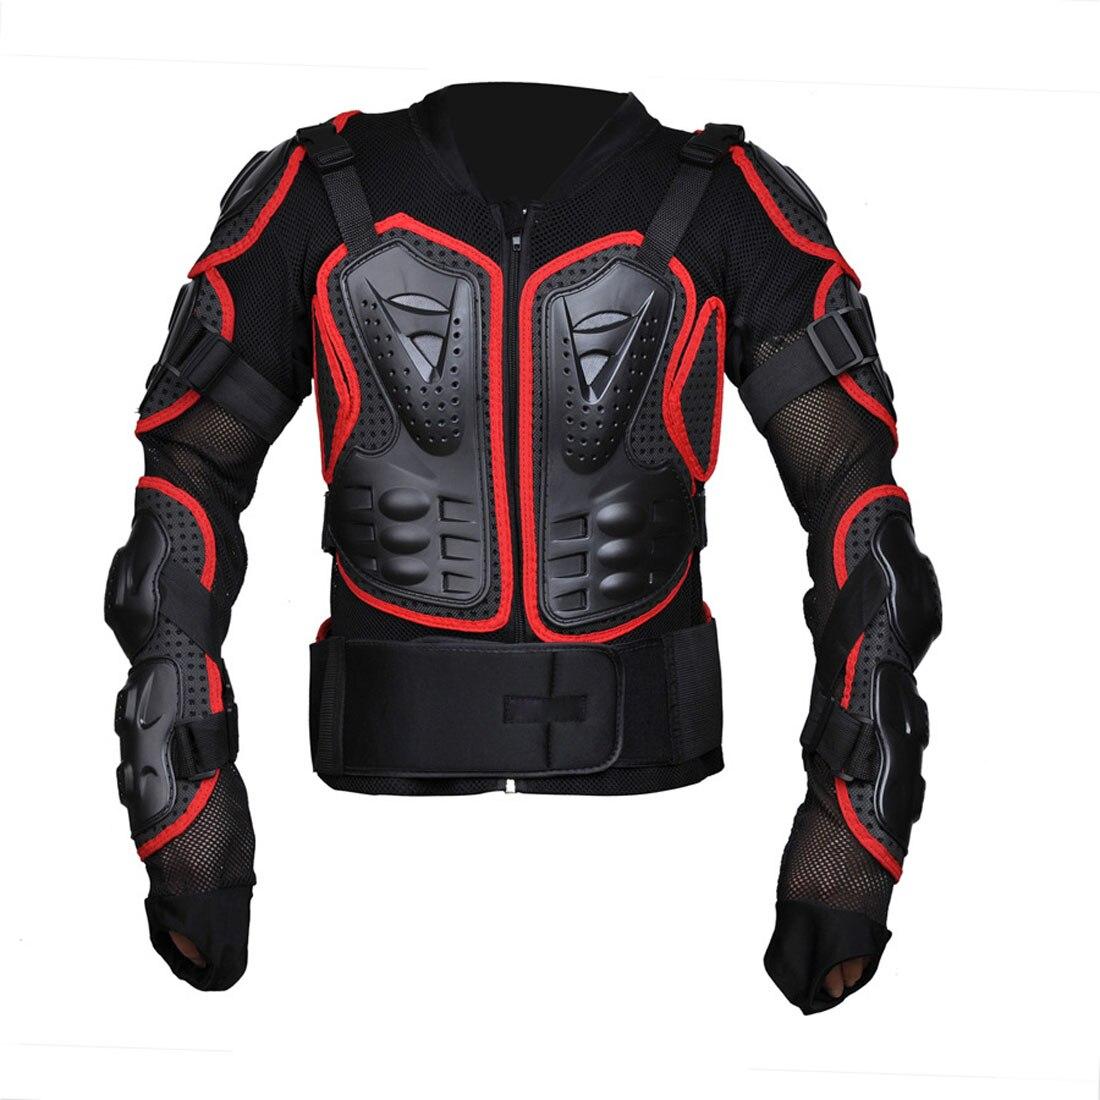 Dongzhen moto veste moto armure Protection Motocross vêtements veste croix dos/rouge armure protecteur course Automobile - 5